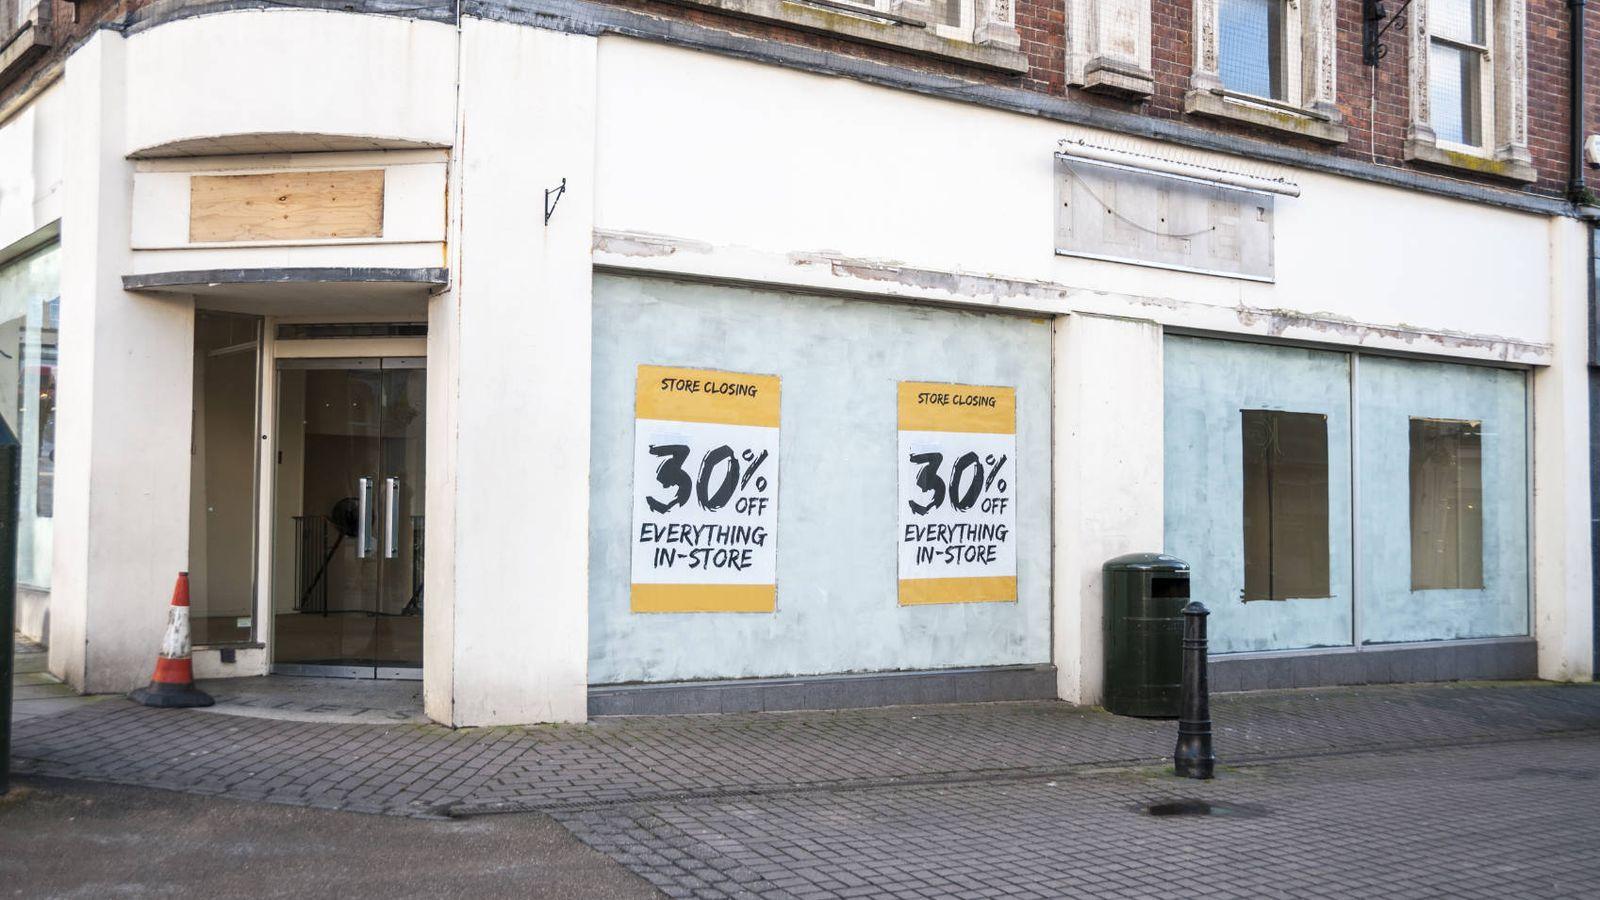 Foto: Las tiendas cerradas se han convertido en un paisaje habitual en las ciudades europeas. (iStock)